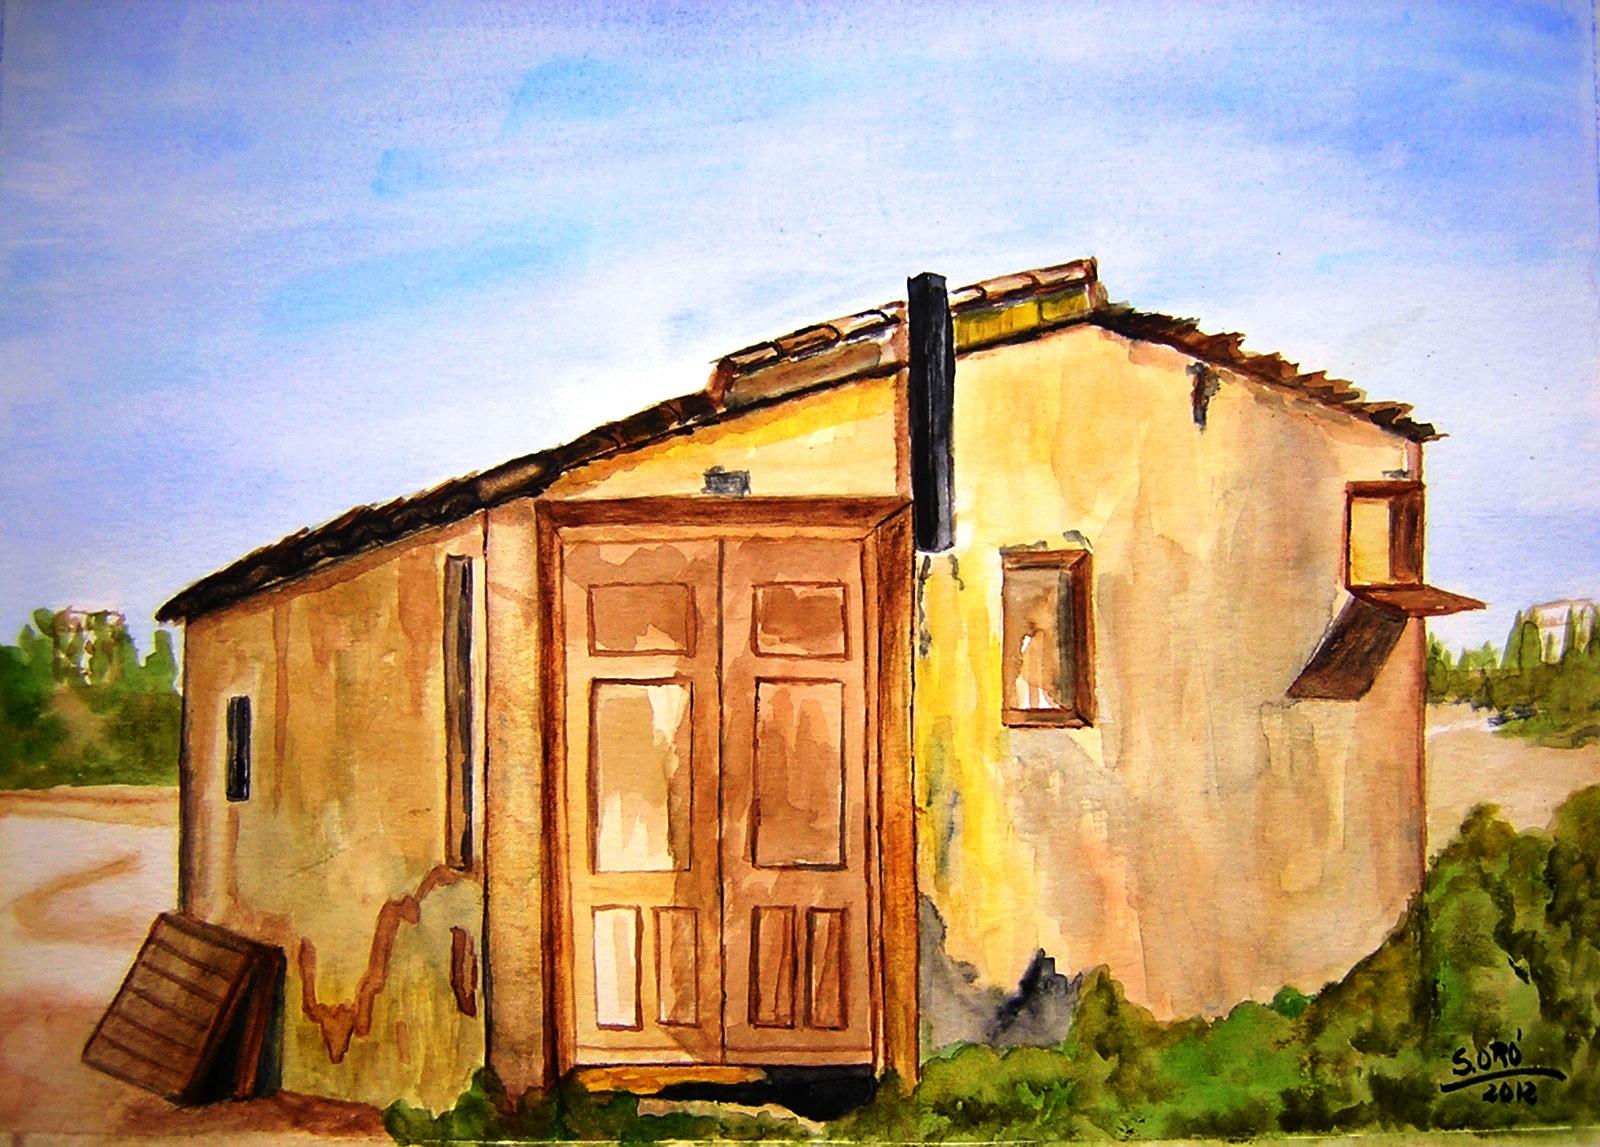 El rancho de Maqueira